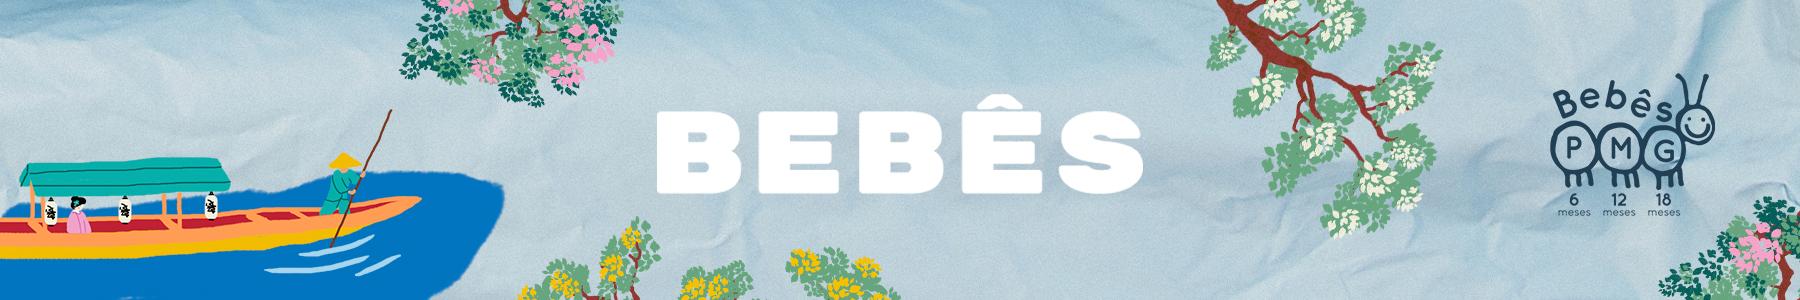 banner bebês